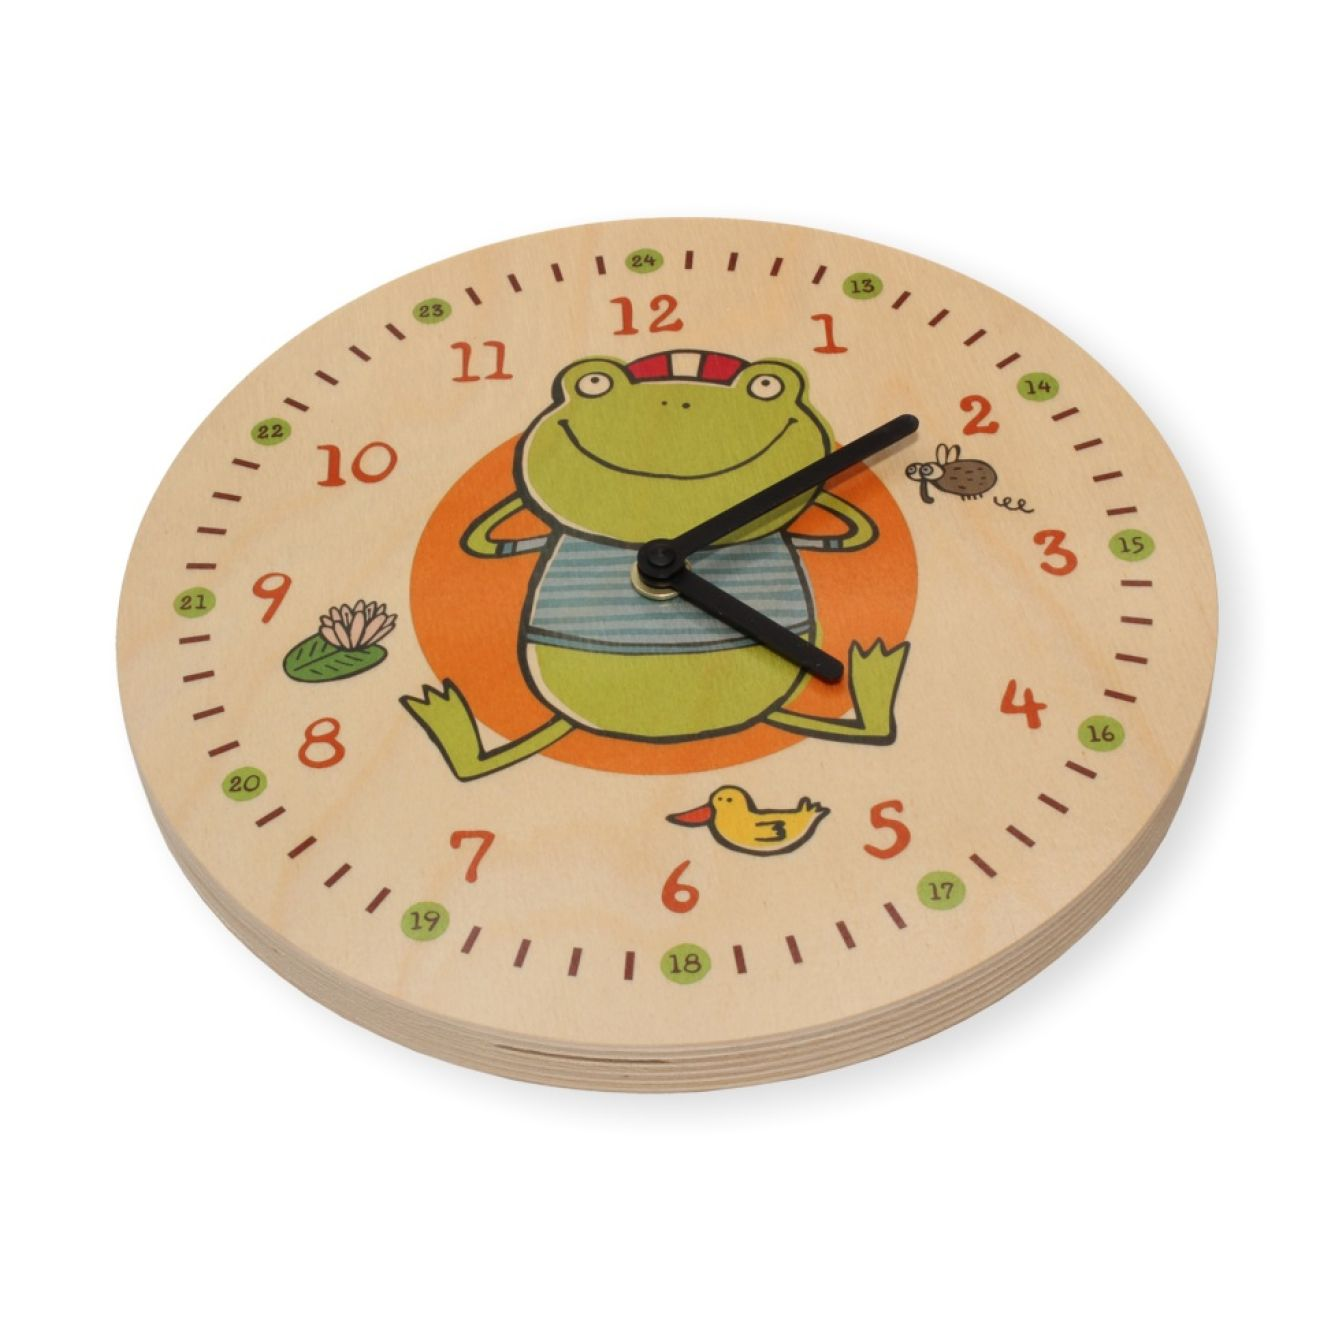 Wanduhr Uhr Holz Kinder Kinderzimmer Kinderuhr